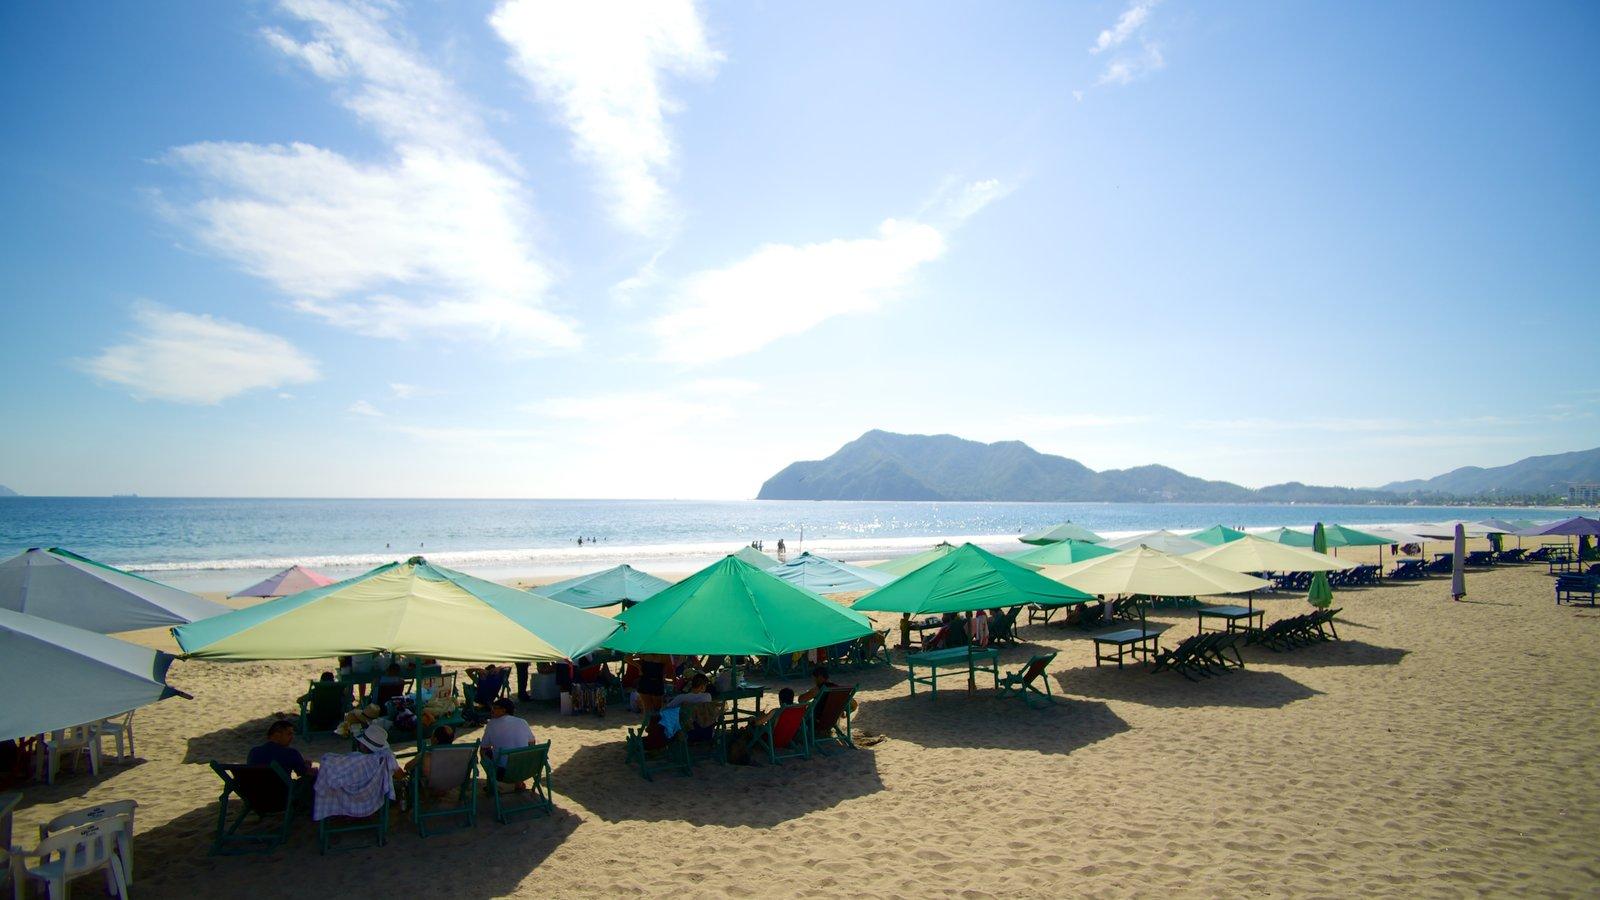 vista de la playa Miramar